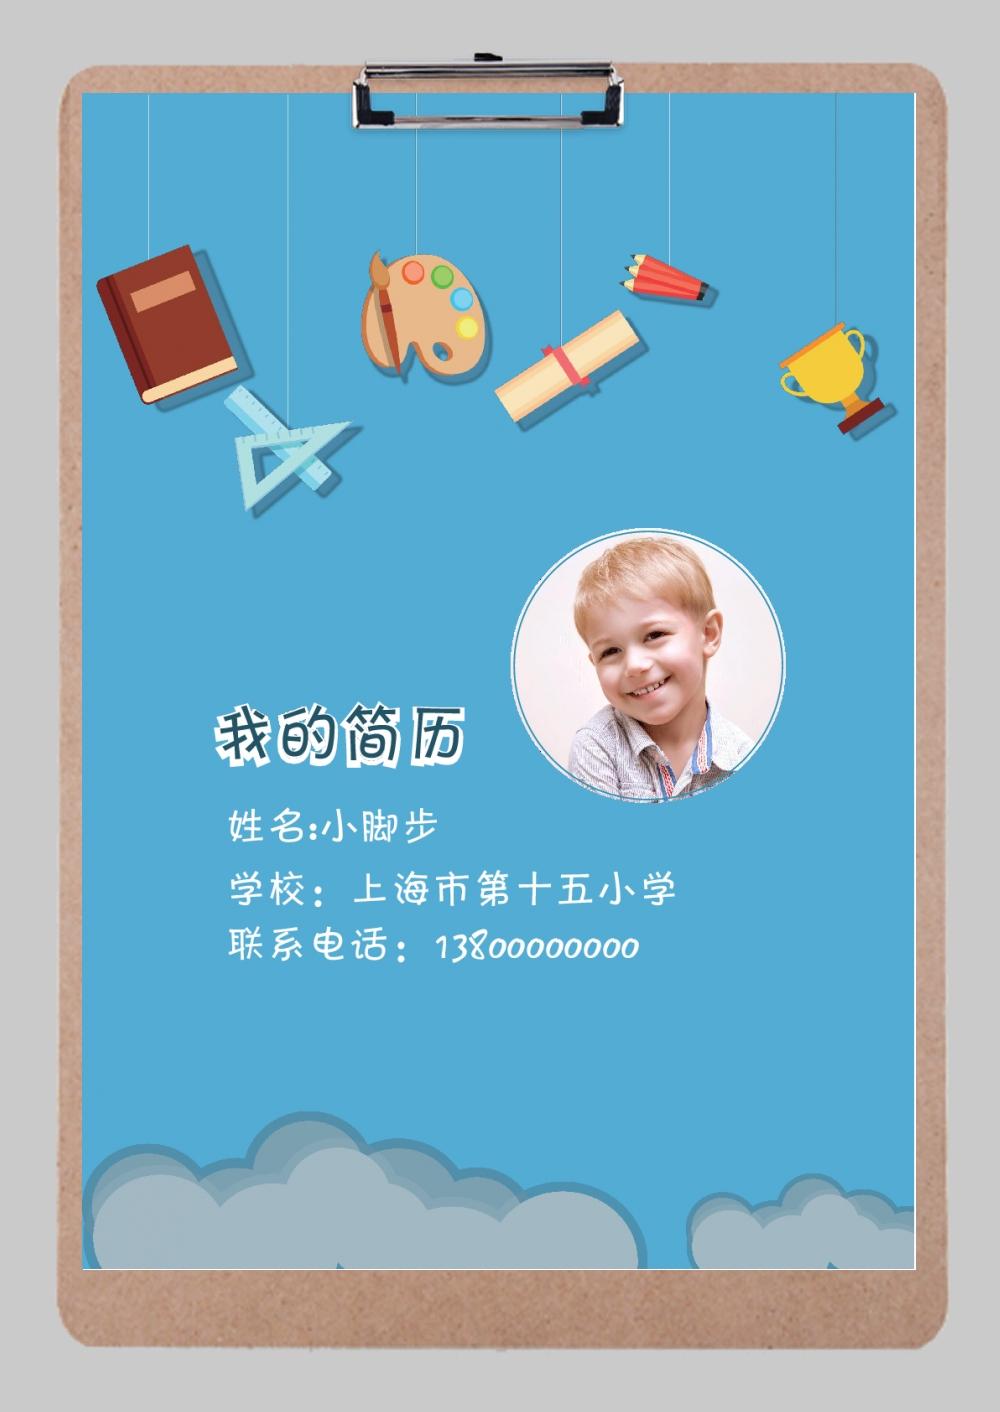 藍色小清新小升初word簡歷模板